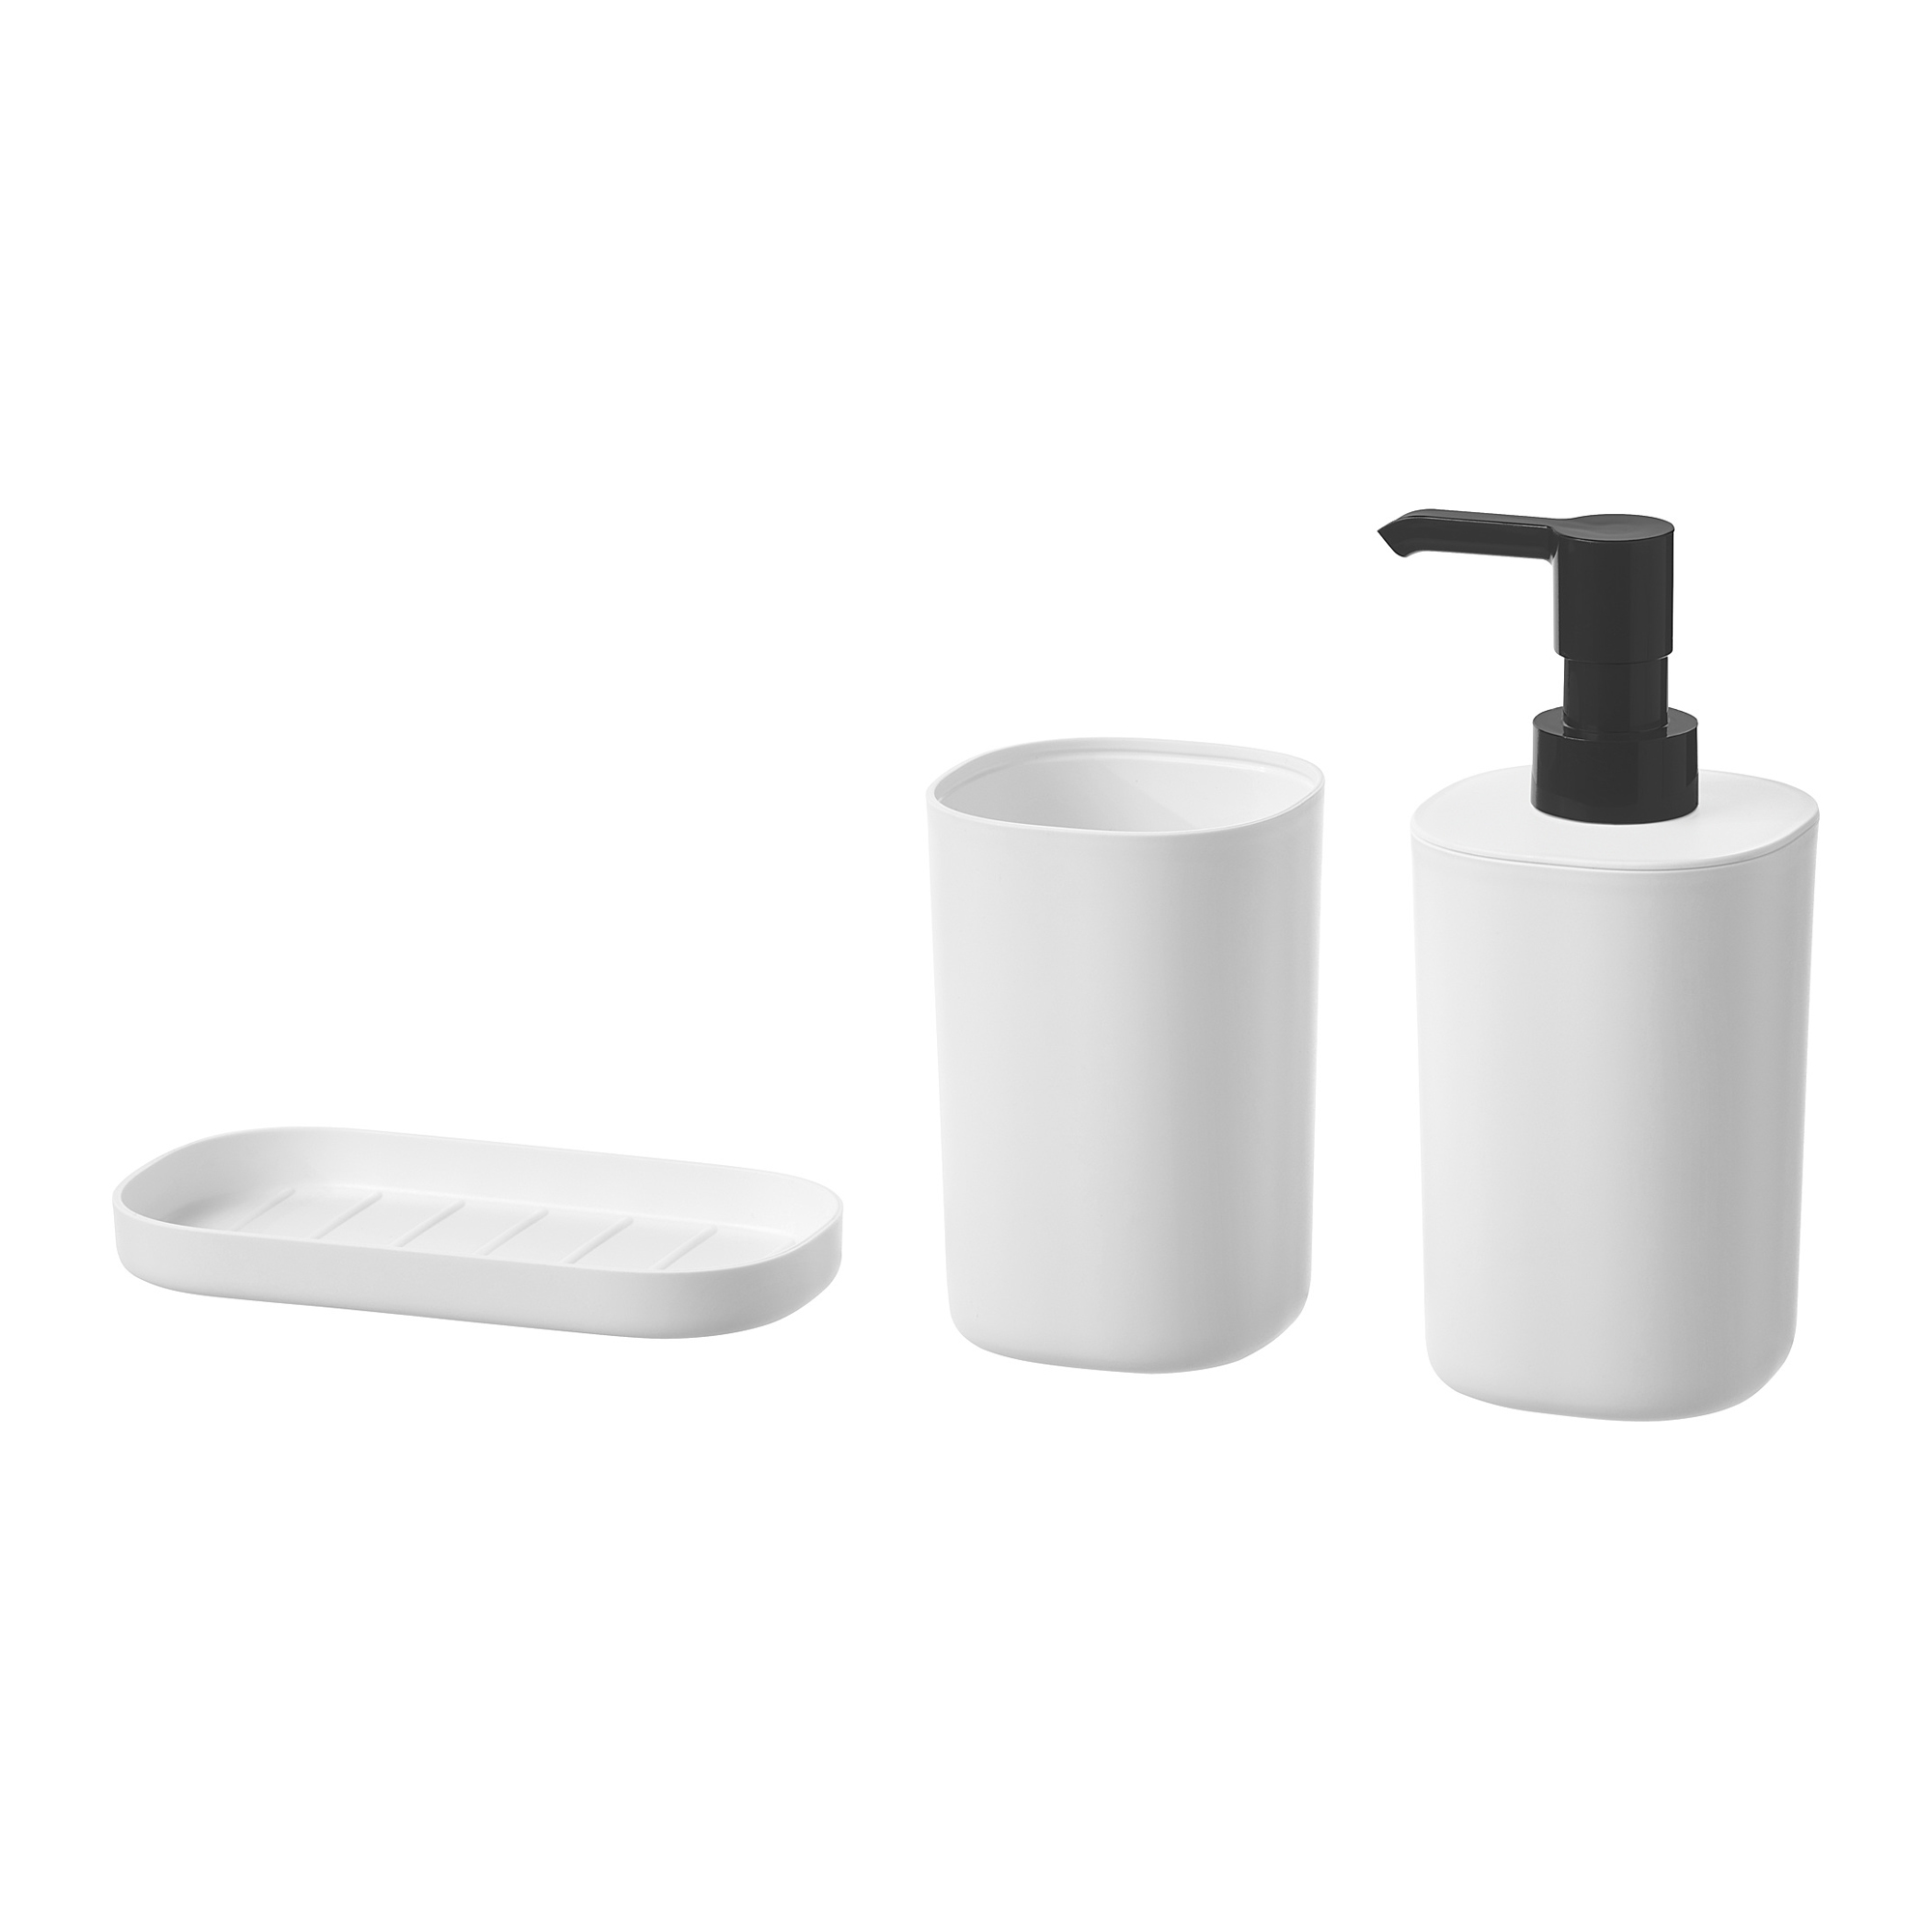 BALUNGEN Dispensador jabón, cromado IKEA